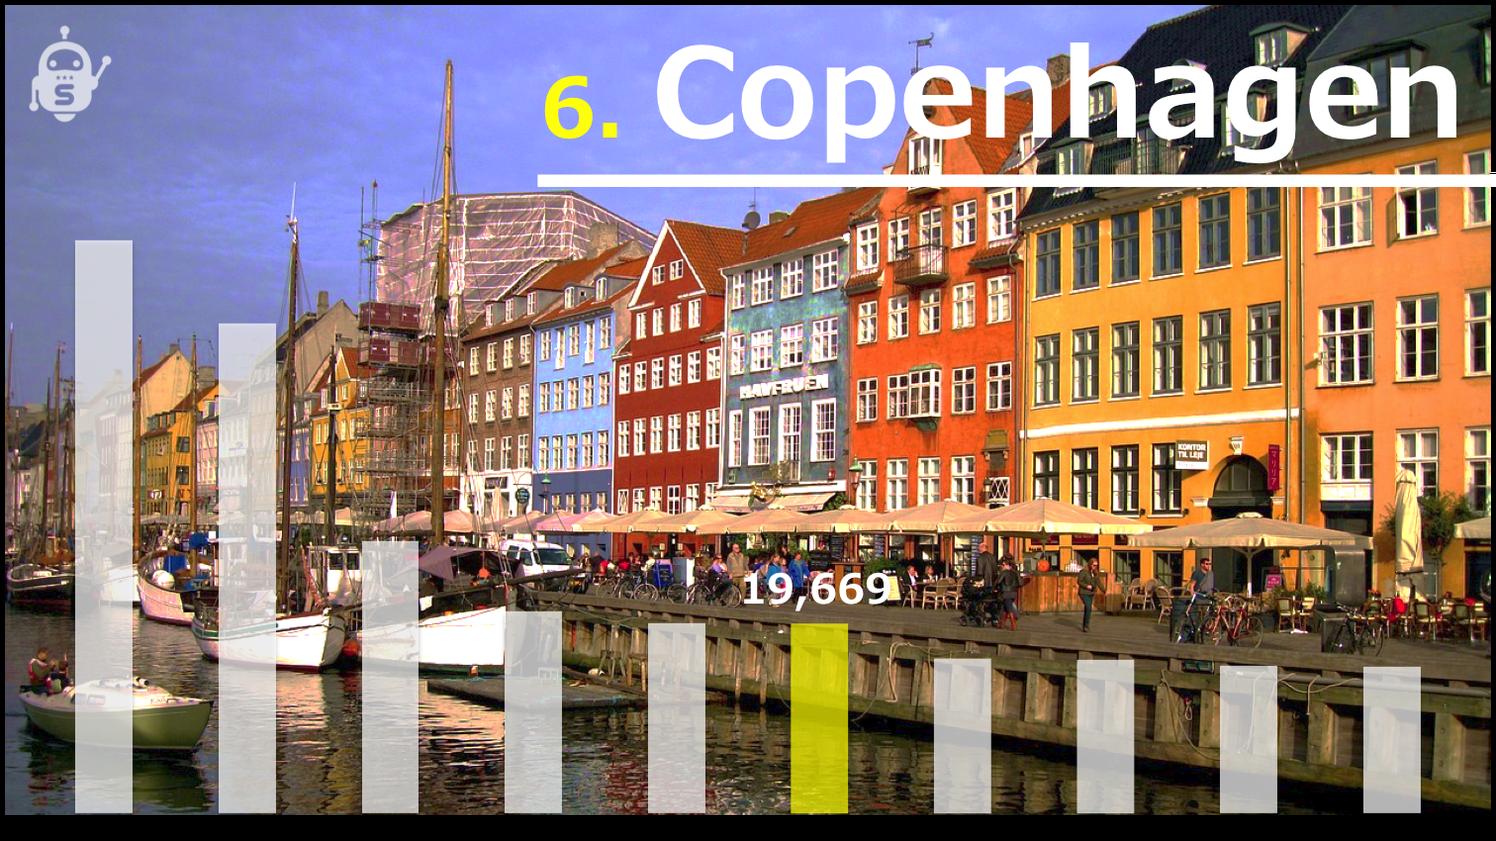 6copenhagen1